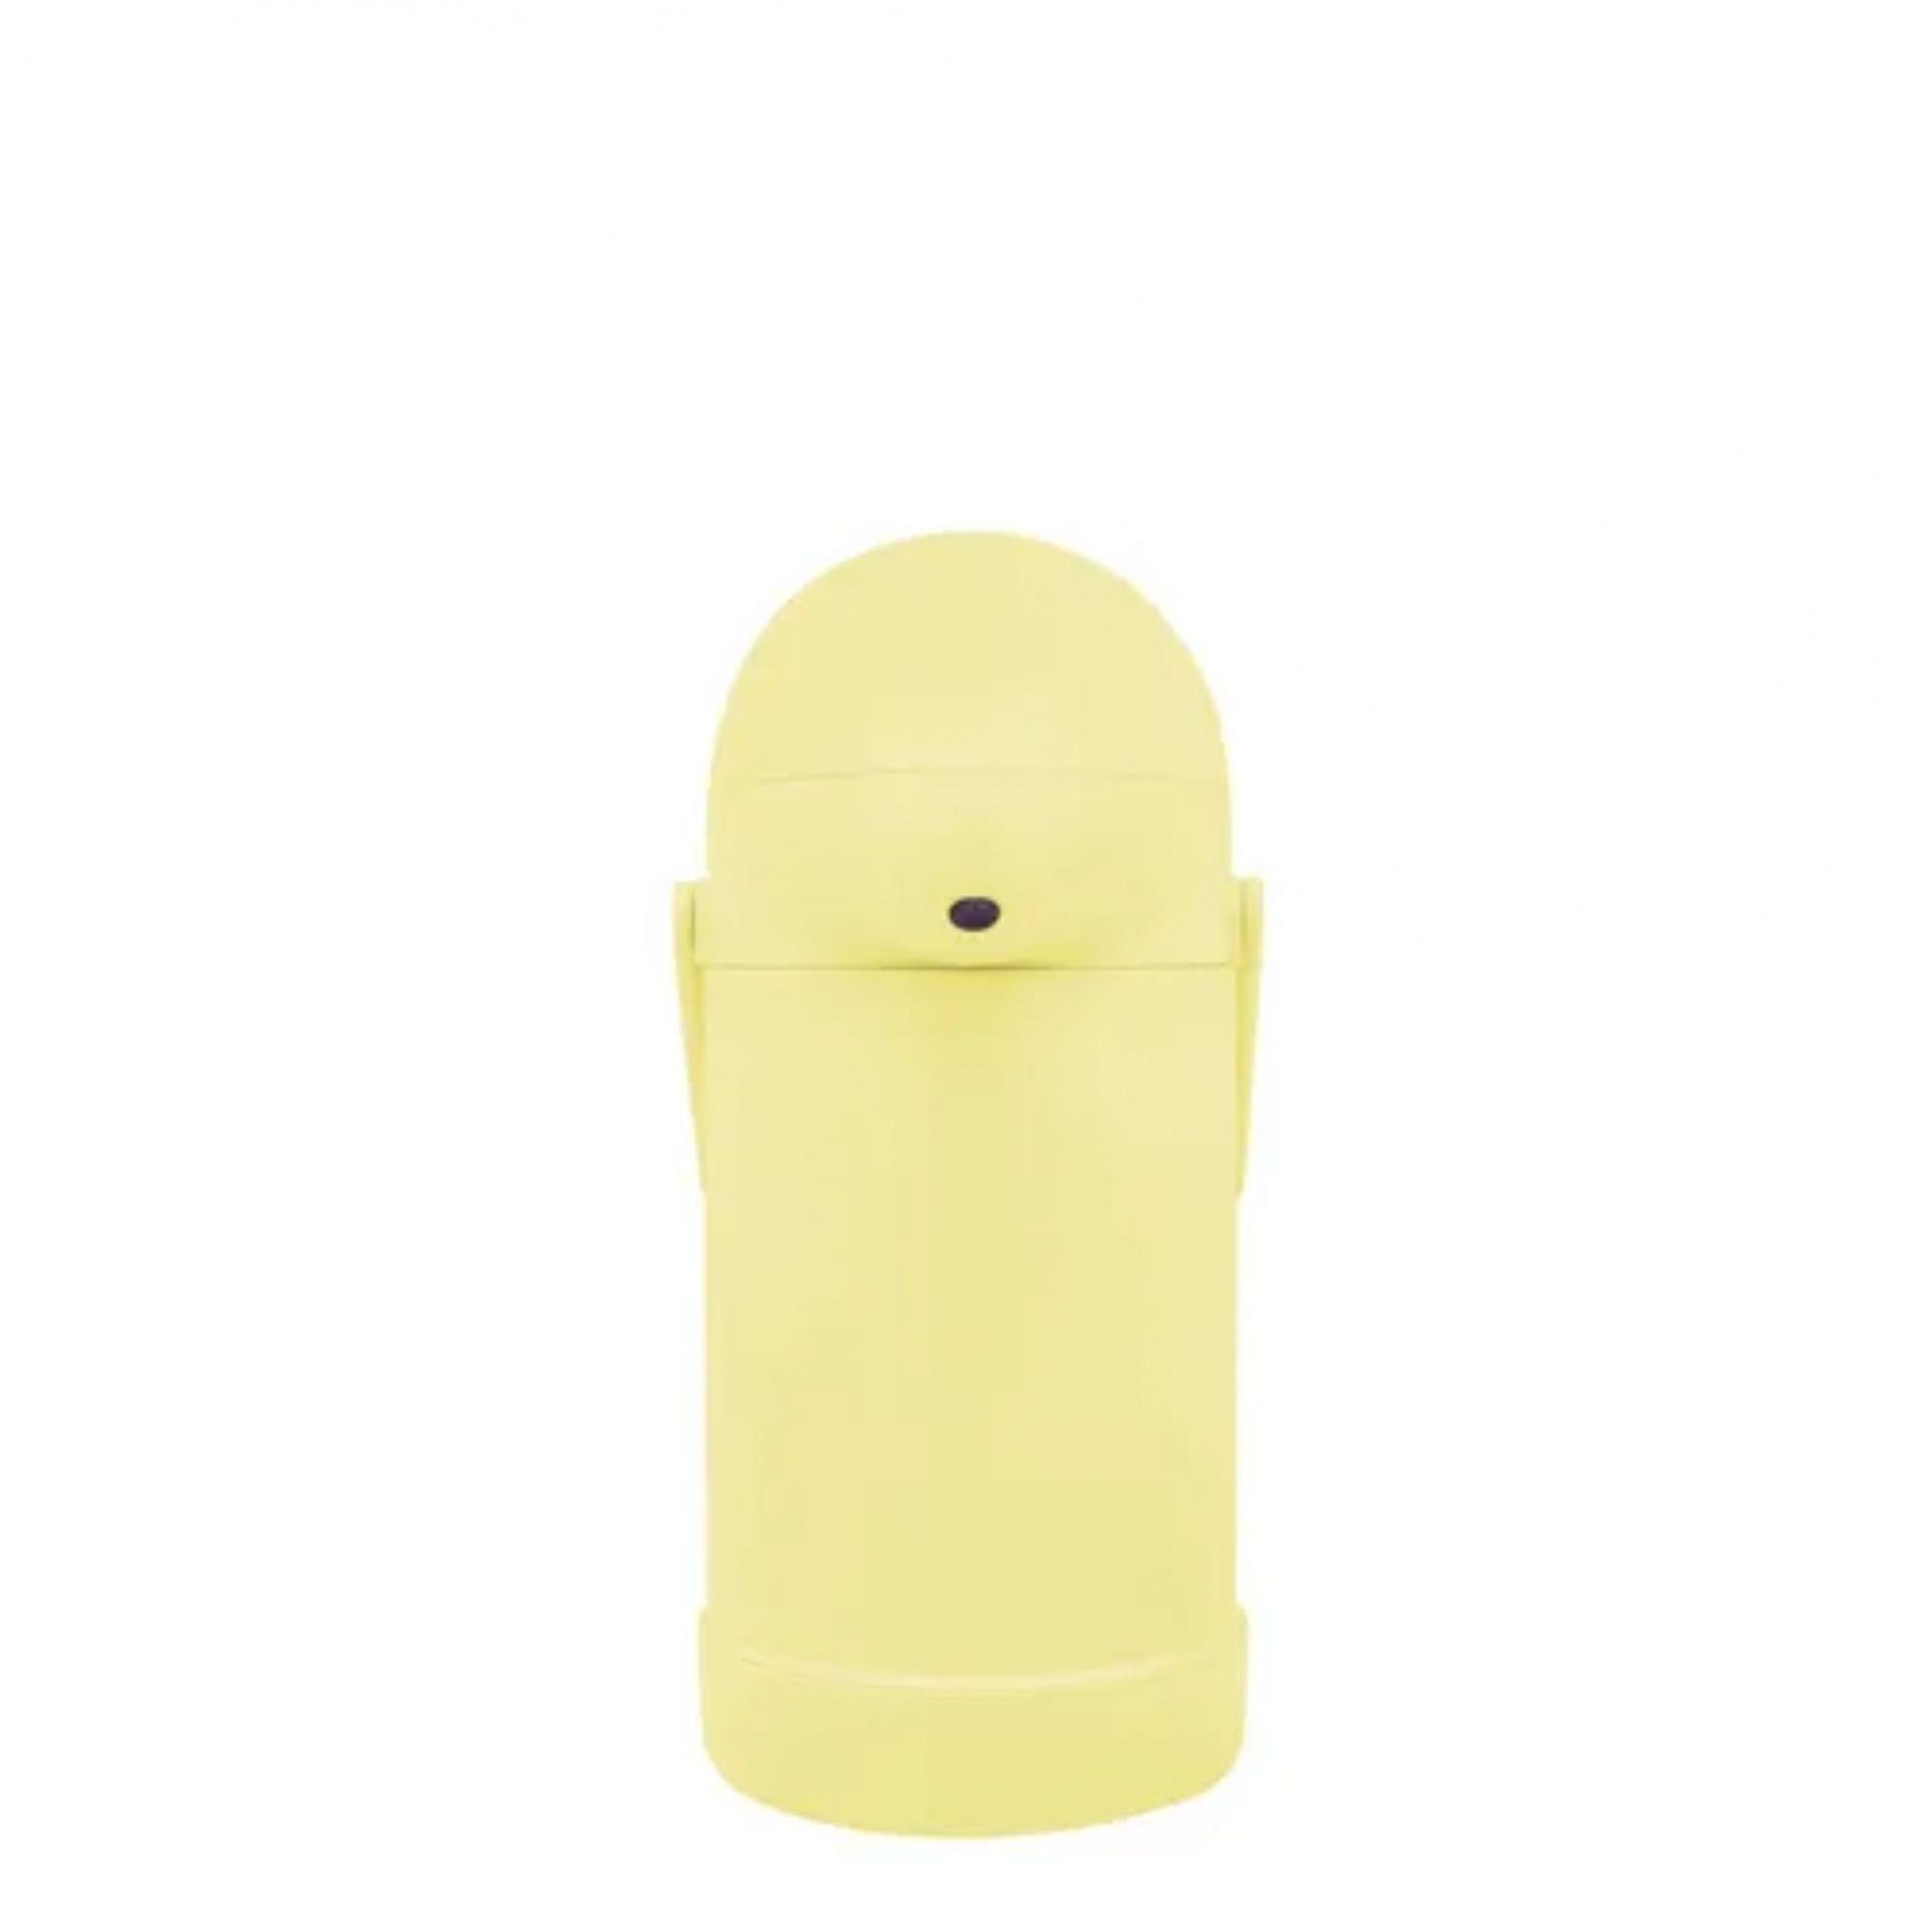 Garrafa de Pressão Nobile 500ml - Cor Estrela Guia (Amarelo)  - Pensou Filtros